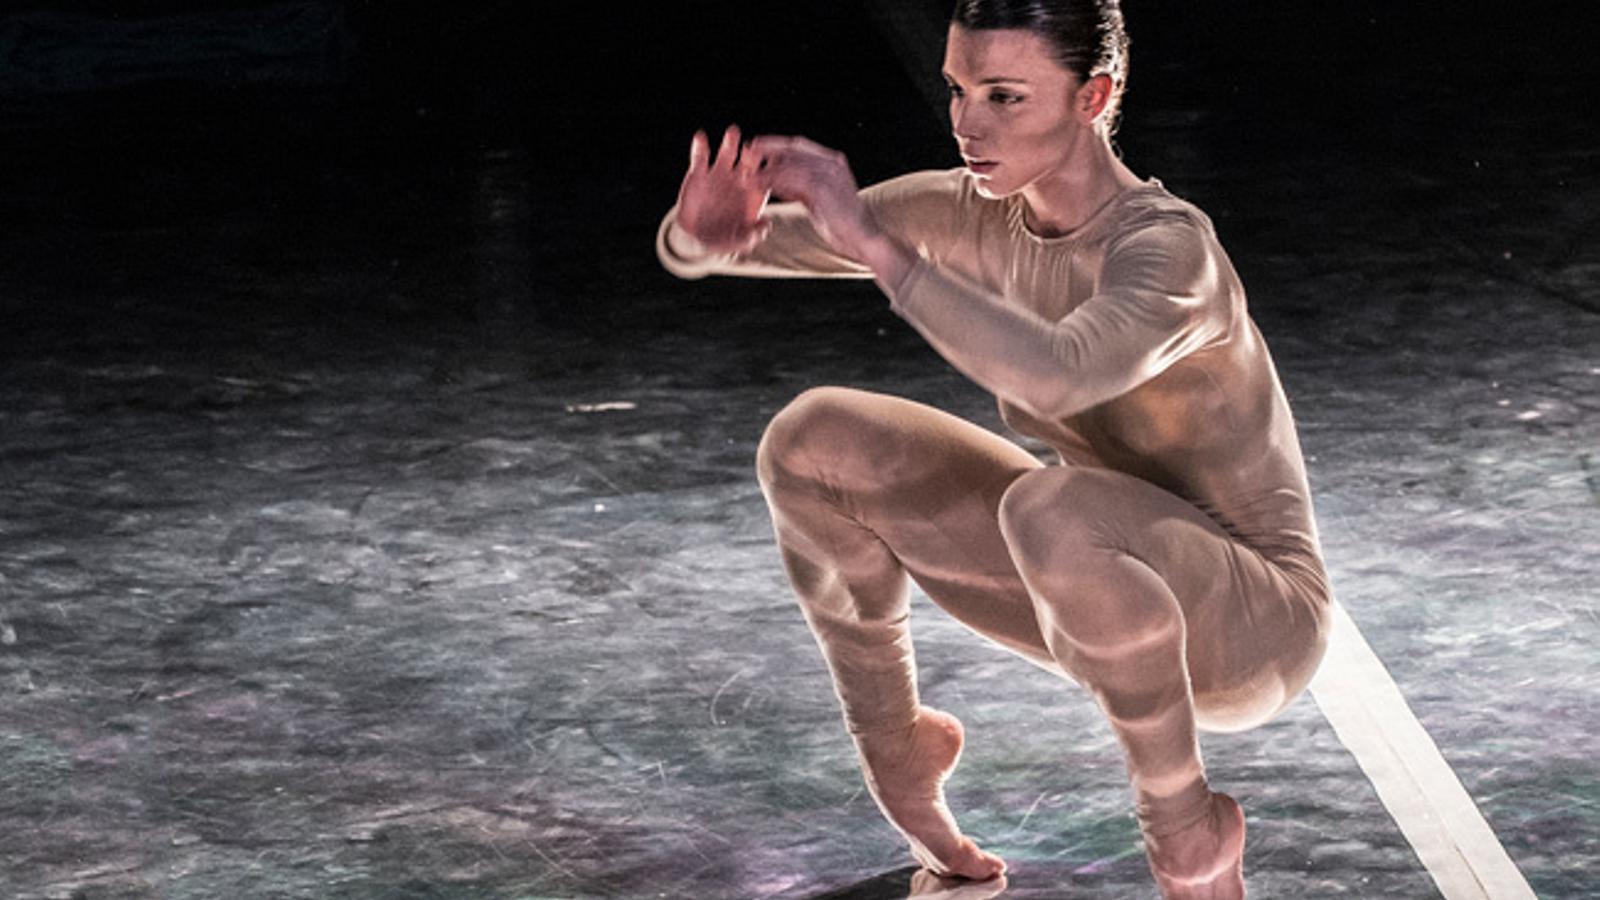 'Sacra' és un dels espectacles de dansa que s'hi podran veure